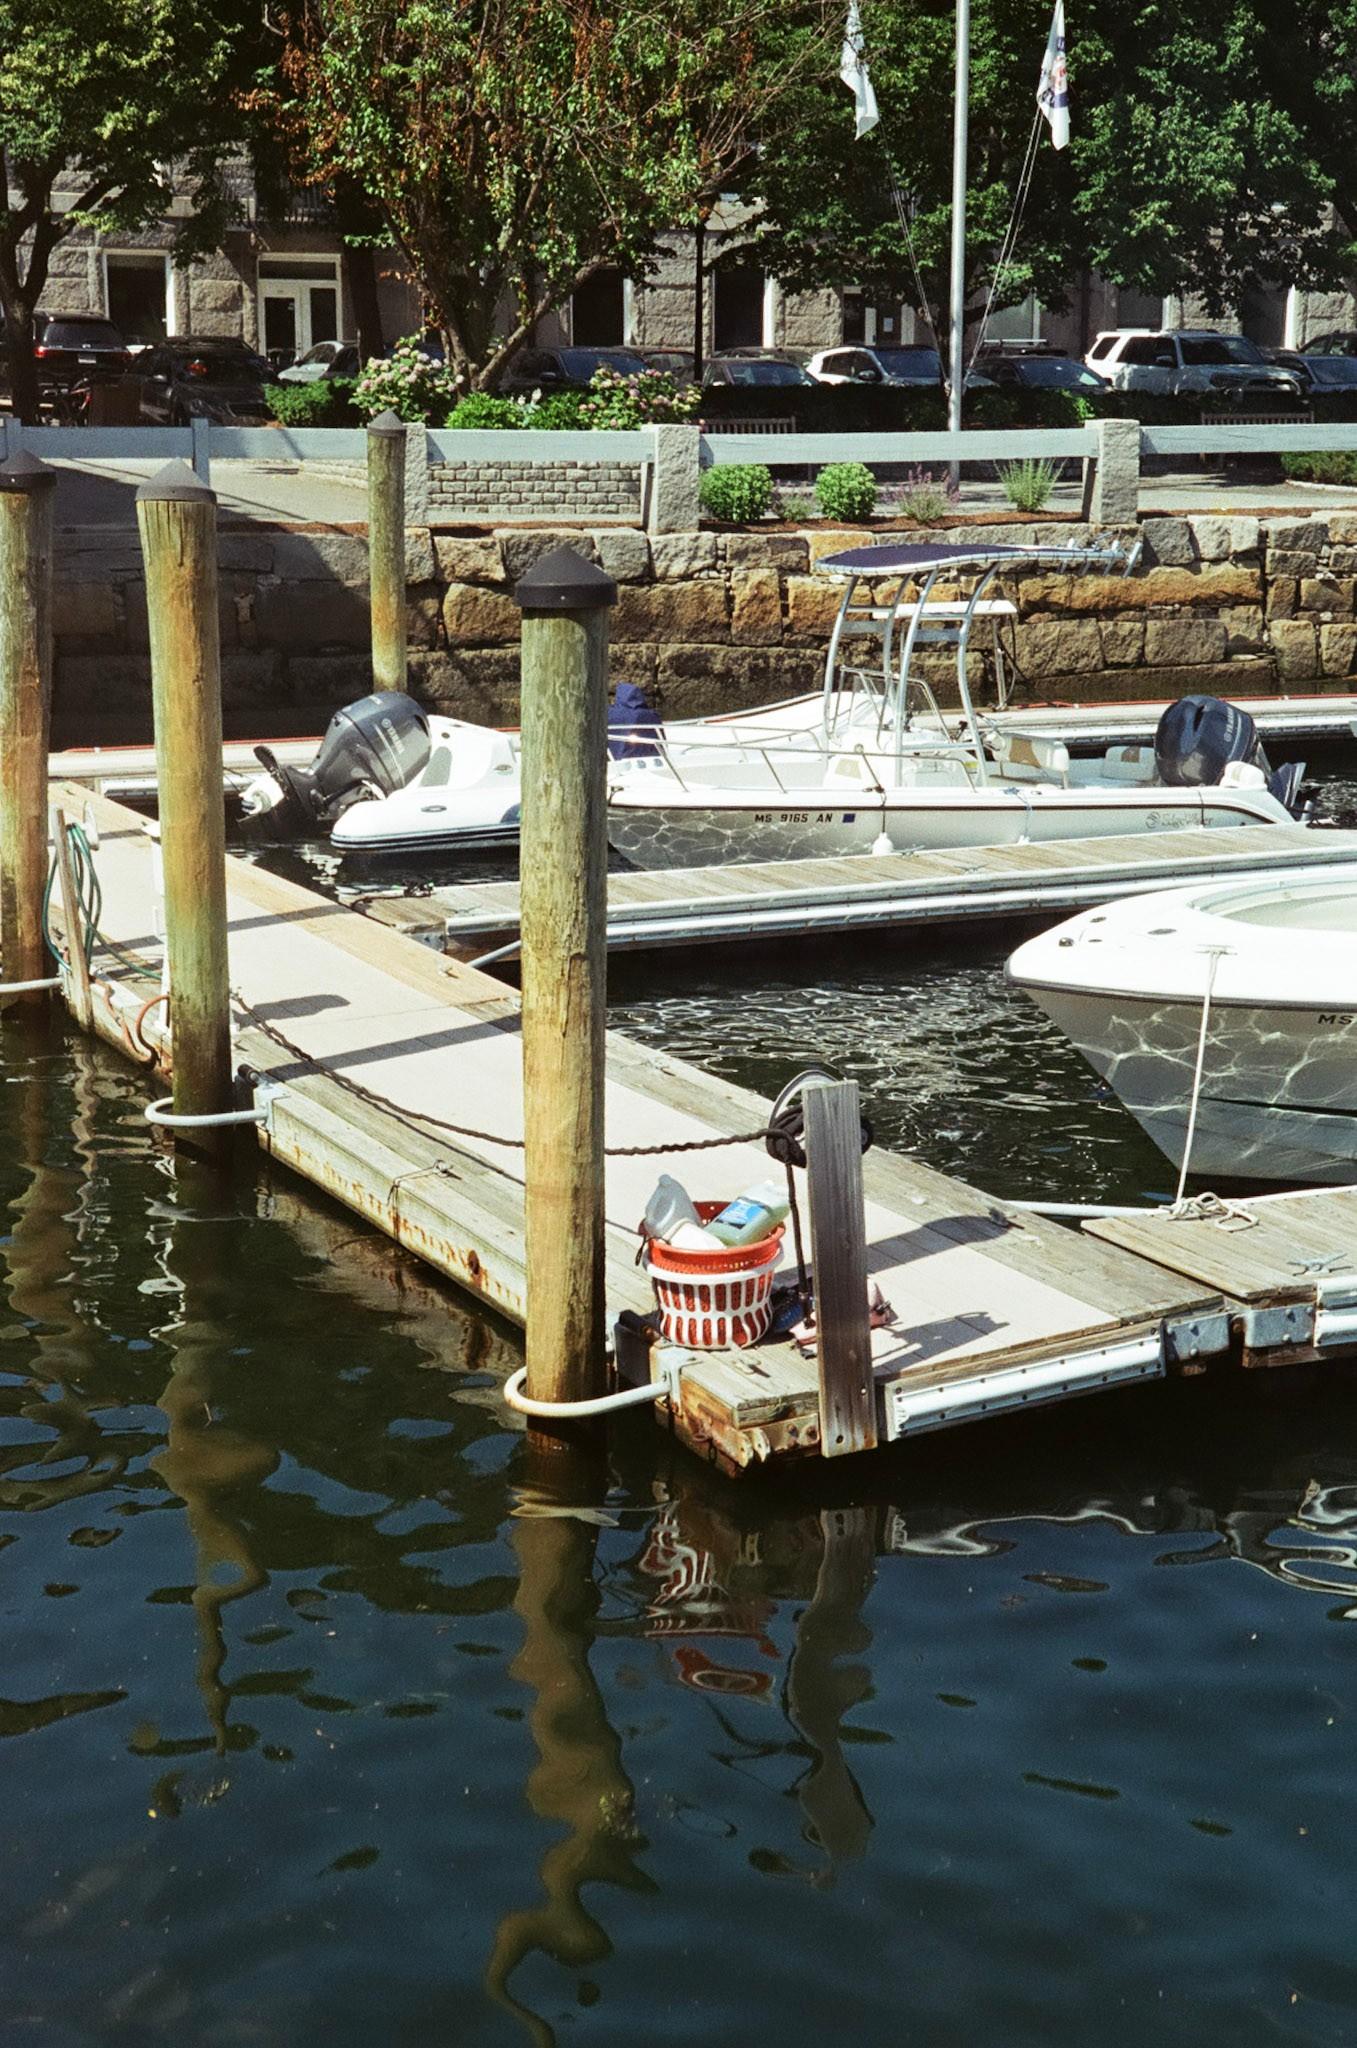 Boat marin (Pic: Caleb Snyder Dicesare)